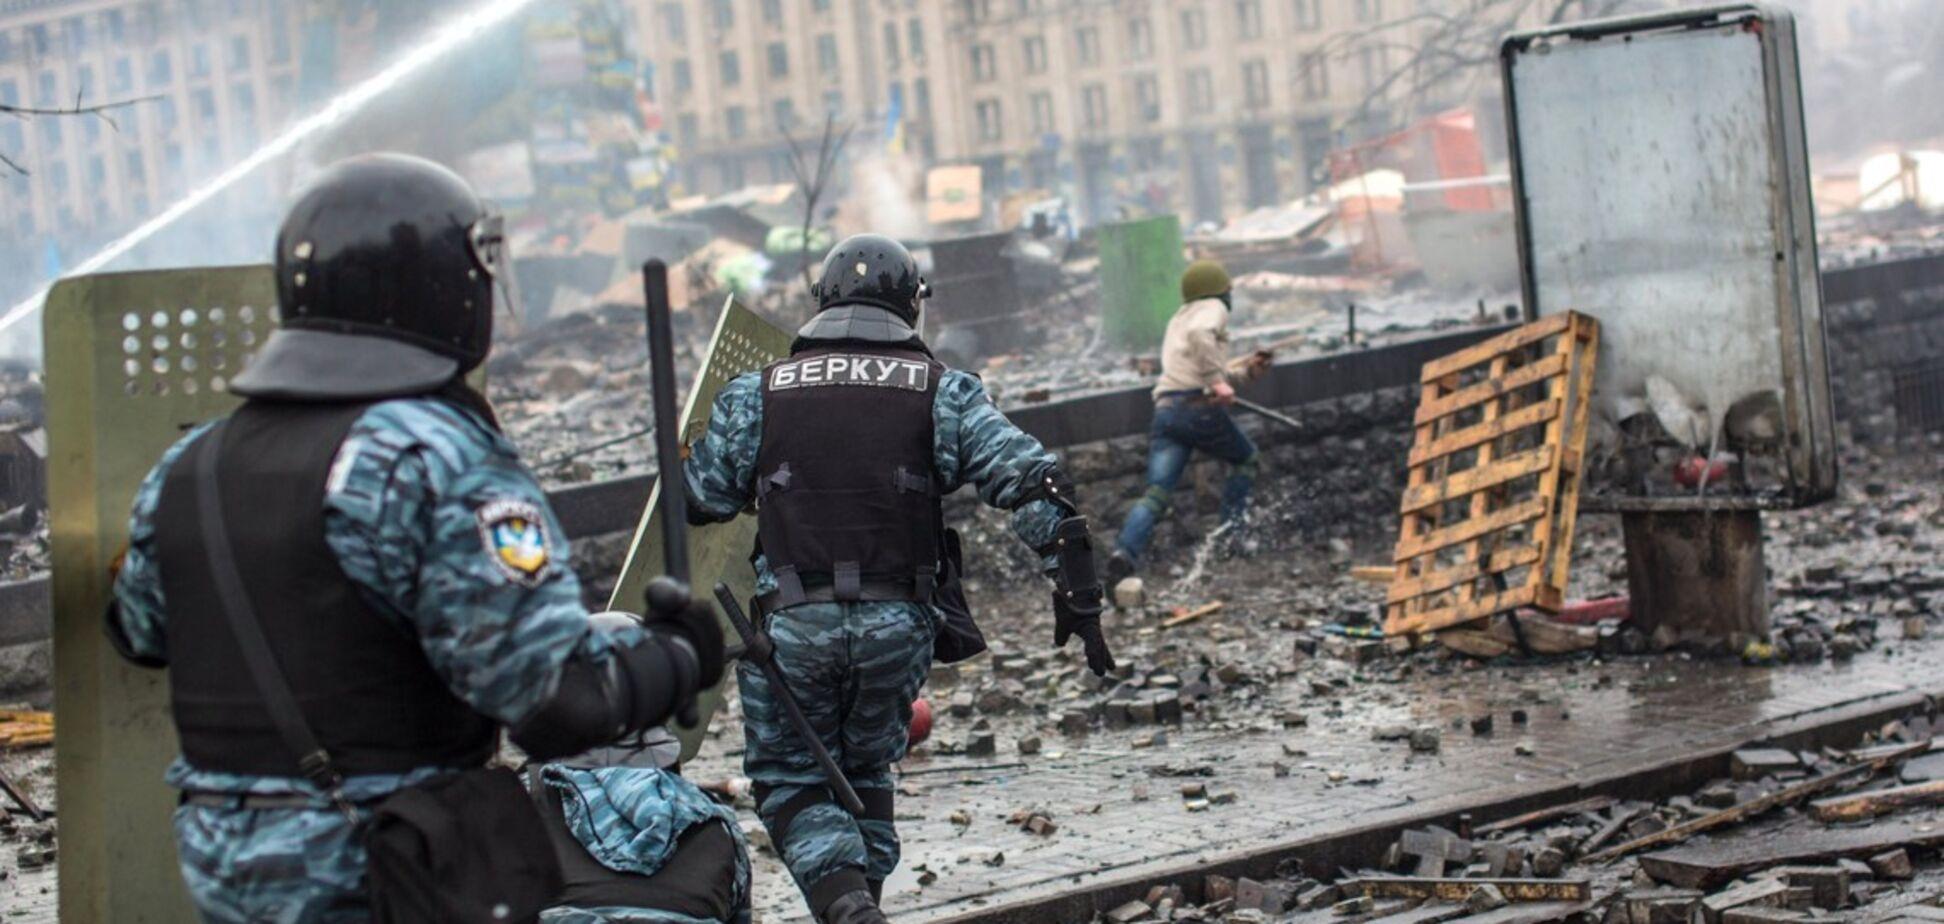 Правди про розстріли на Майдані ми не дізнаємось у цьому поколінні